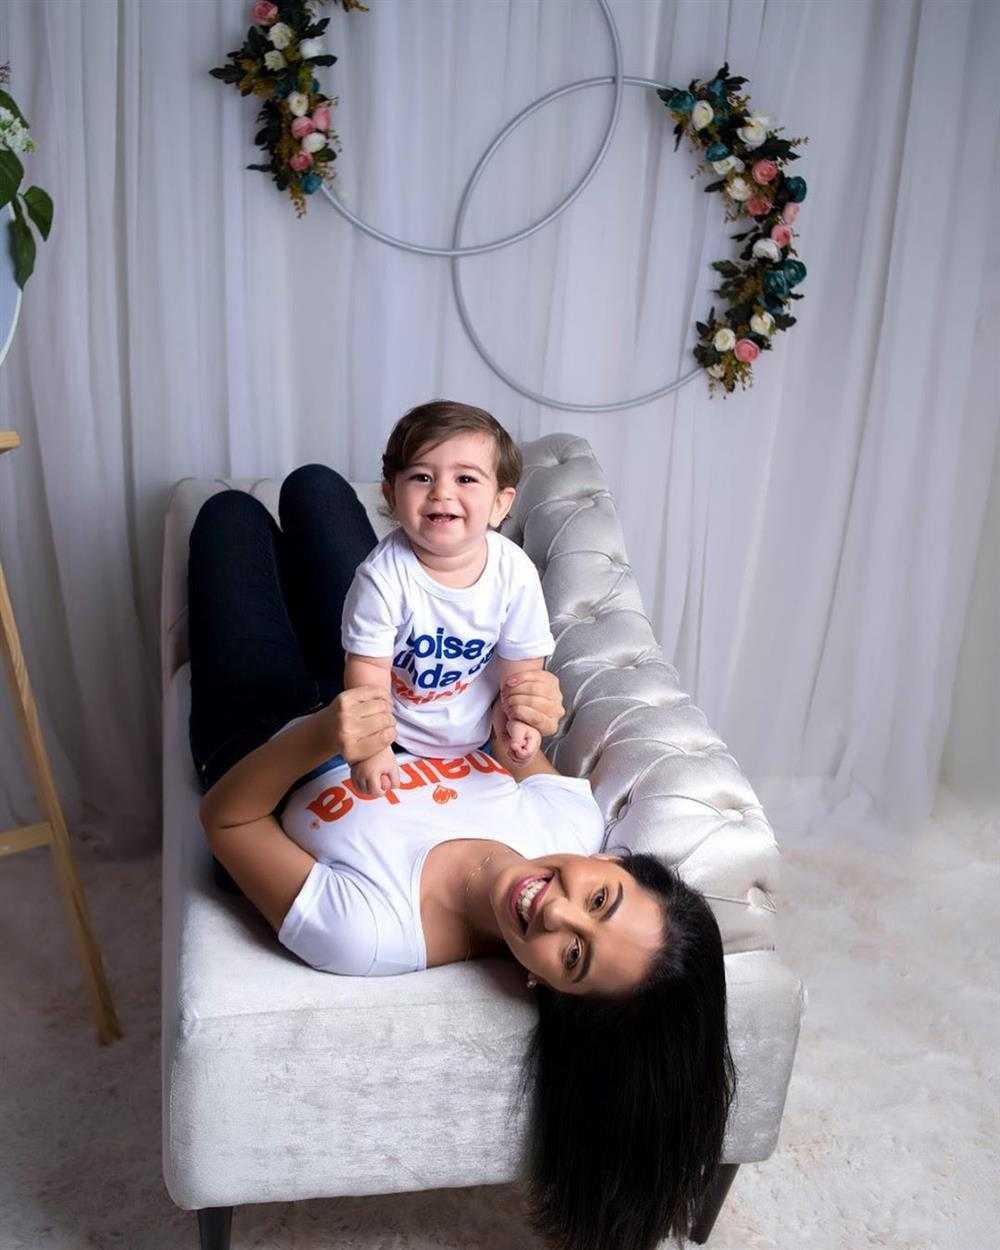 foto para o dia das mães no sofá